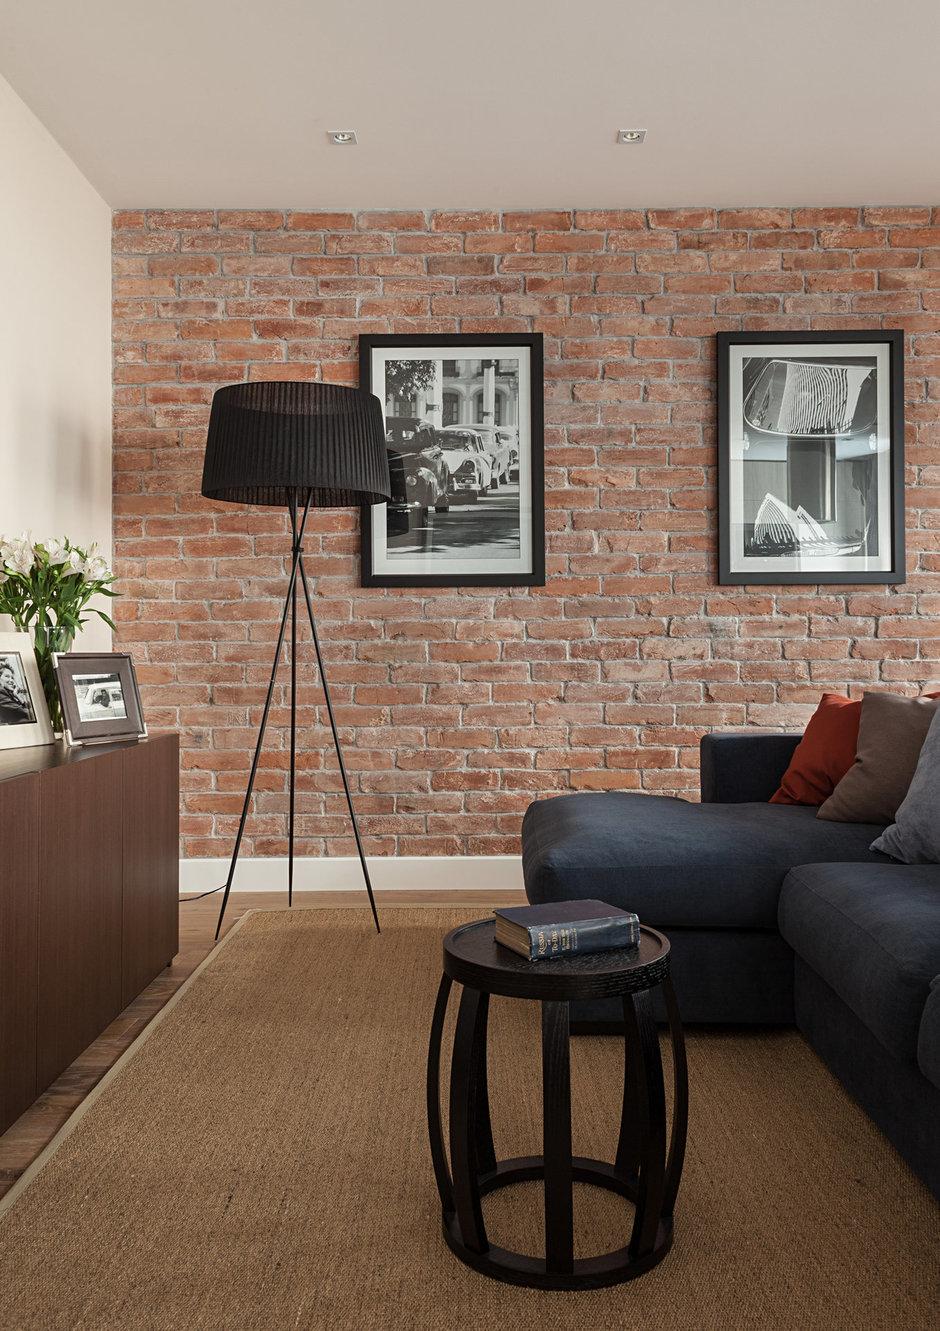 Фотография: Гостиная в стиле Современный, Эклектика, Классический, Квартира, Дома и квартиры, IKEA, Проект недели, Дина Салахова – фото на InMyRoom.ru